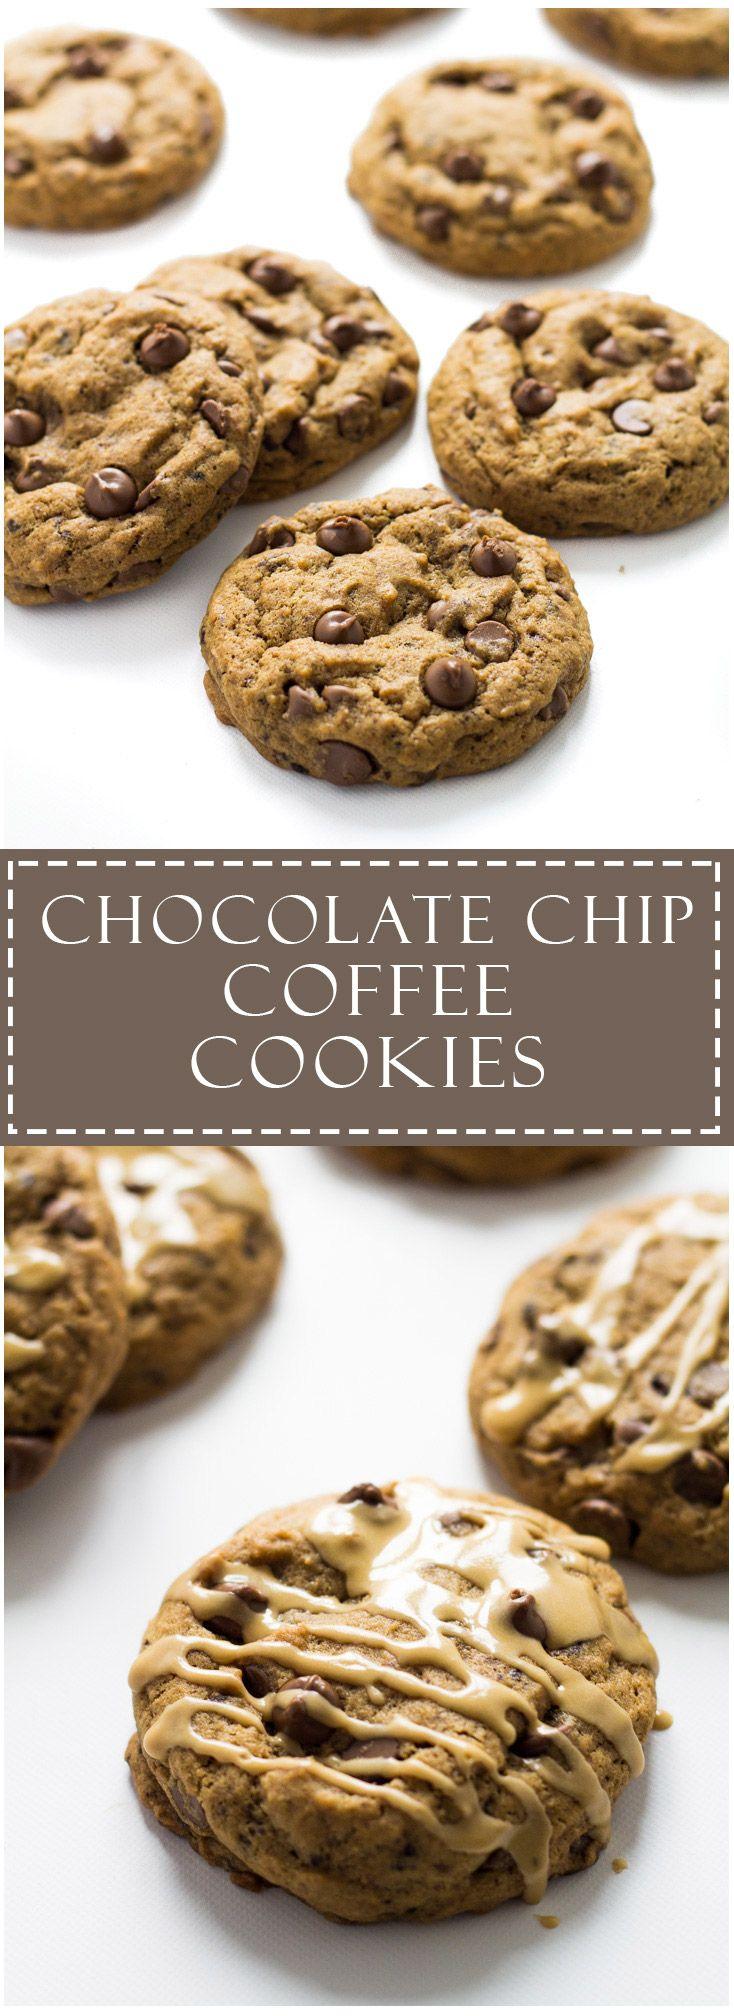 Best 25+ Chocolate coffee ideas on Pinterest | Kelis milkshake ...